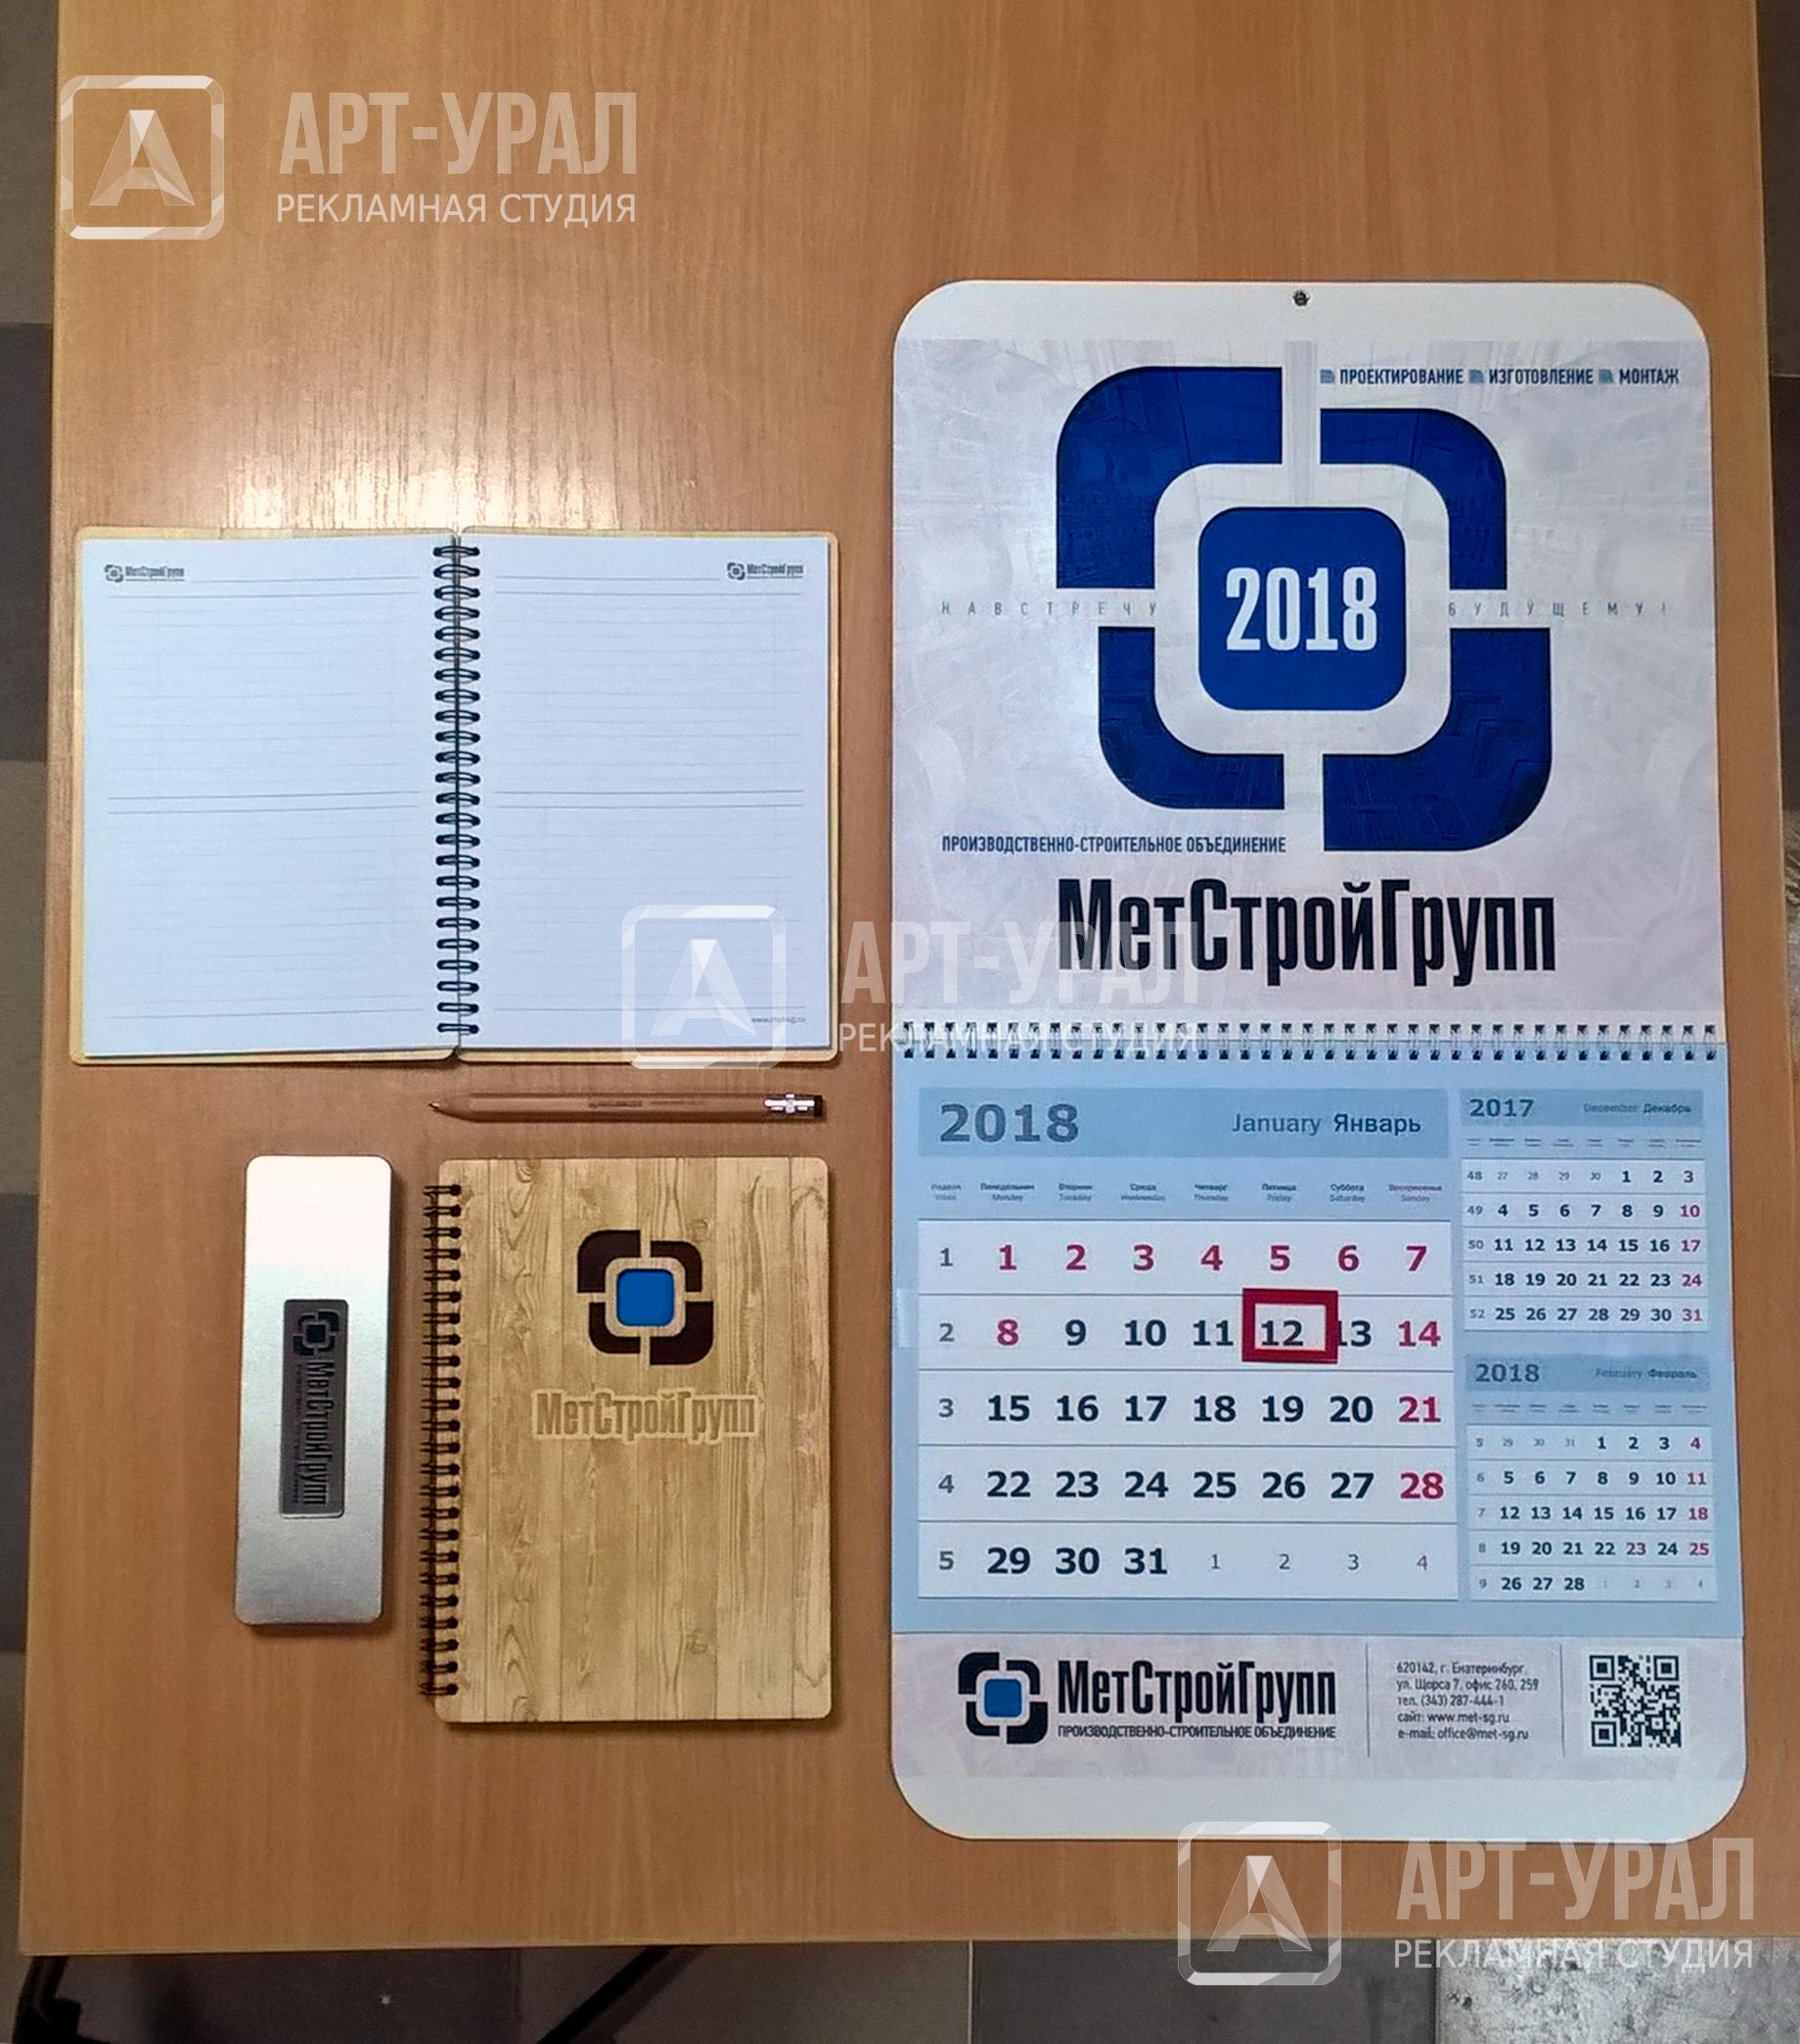 Новый год, подарок, набор, календарь, блокнот, ежедневник, ручка, Первоуральск, рекламное, реклама, макет, дизайн, корпоративный